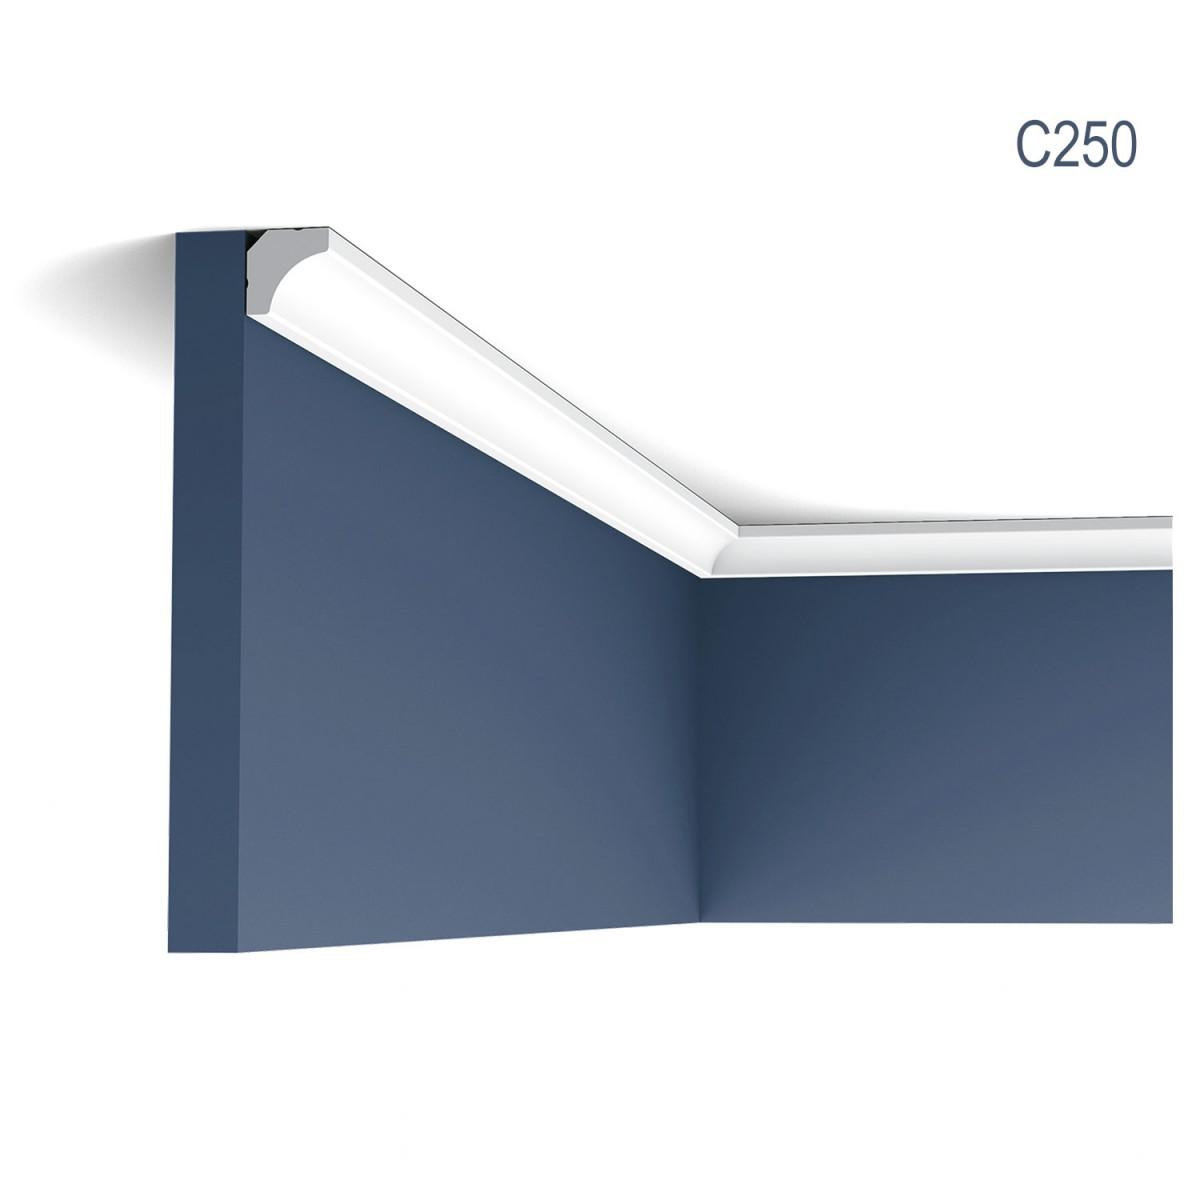 Cornisa Luxxus C250, Dimensiuni: 200 X 1.6 X 1.6 cm, Orac Decor